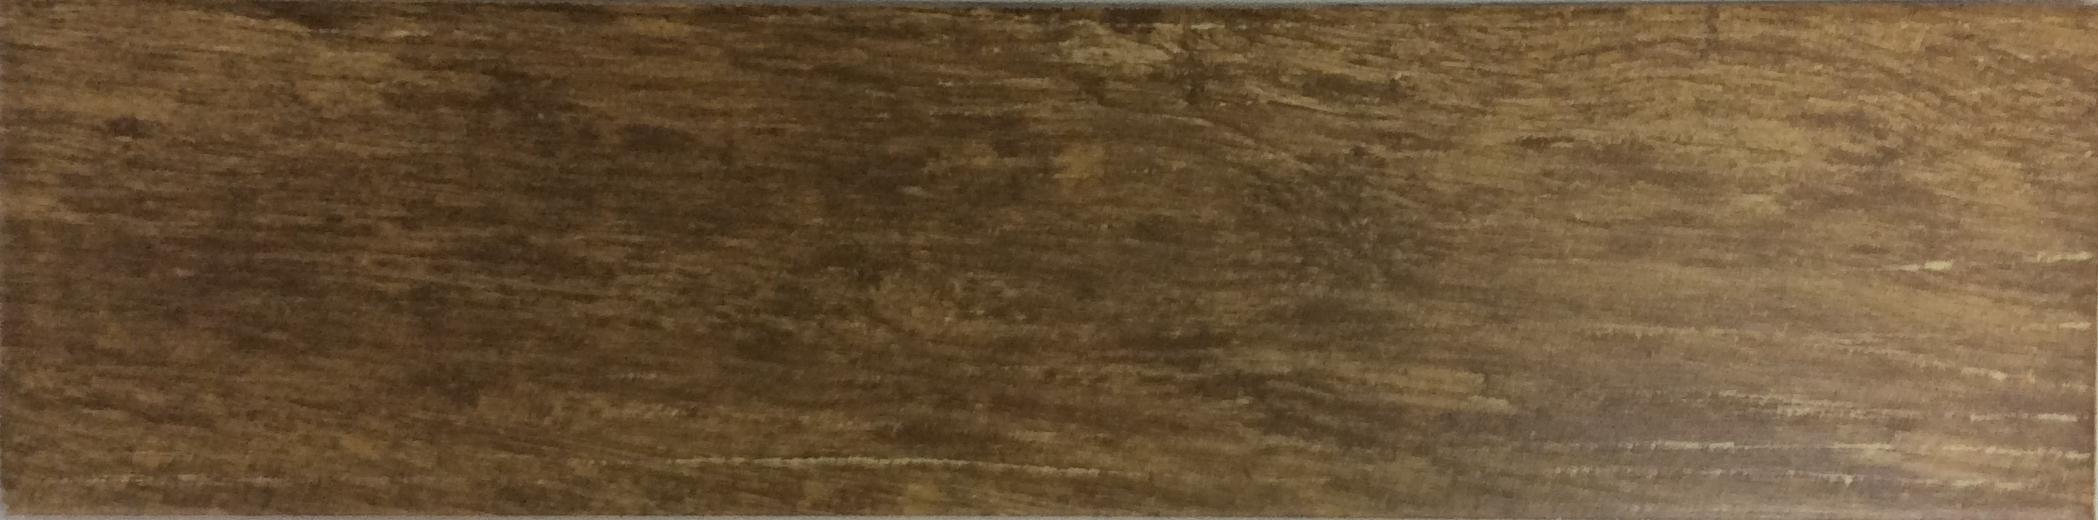 กระเบื้องลายไม้ 15x60 cm รุ่น VHI-06003